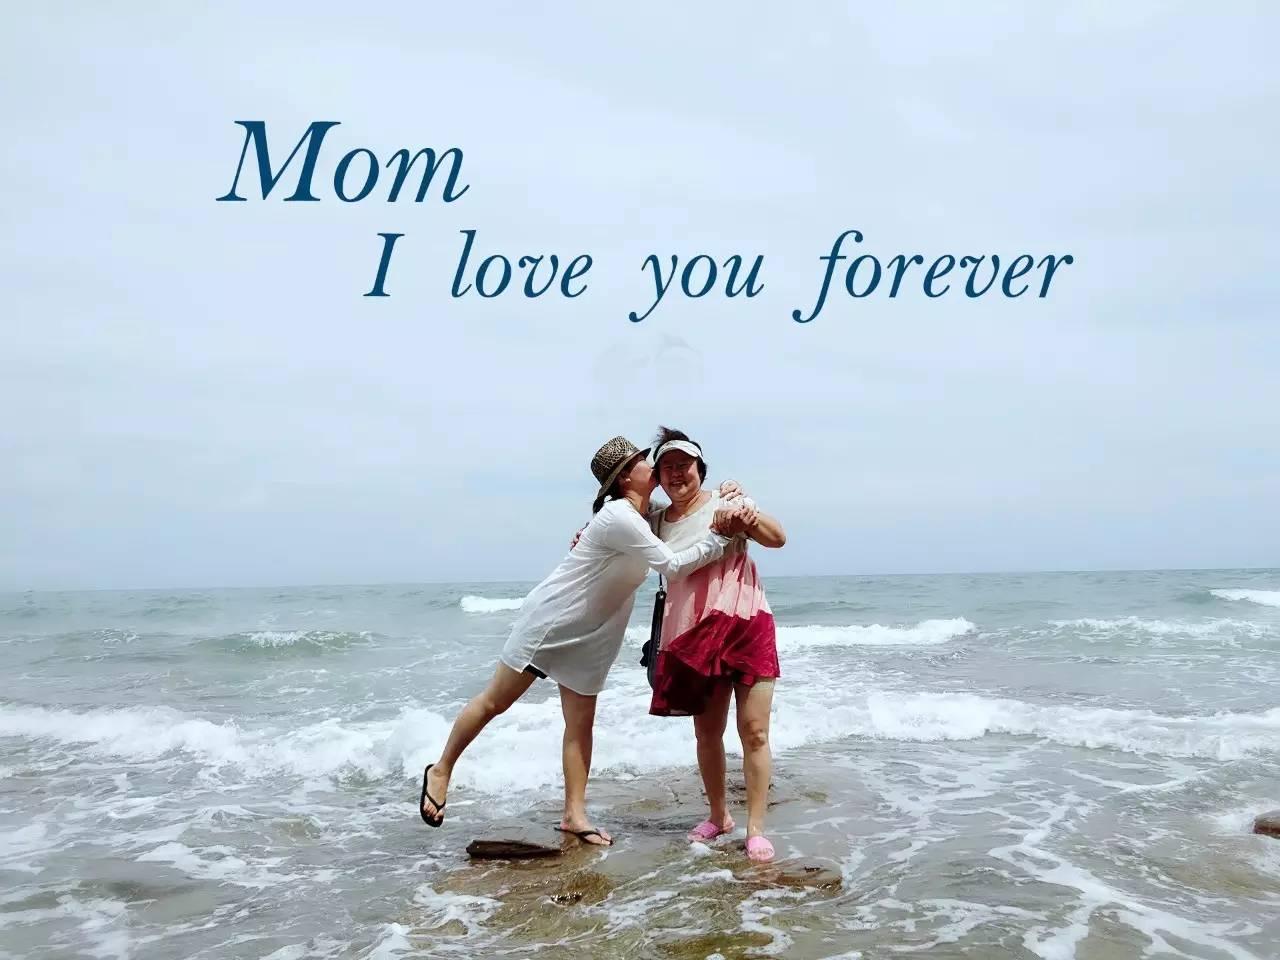 爱要大胆喊出来:mom,i love you so much!